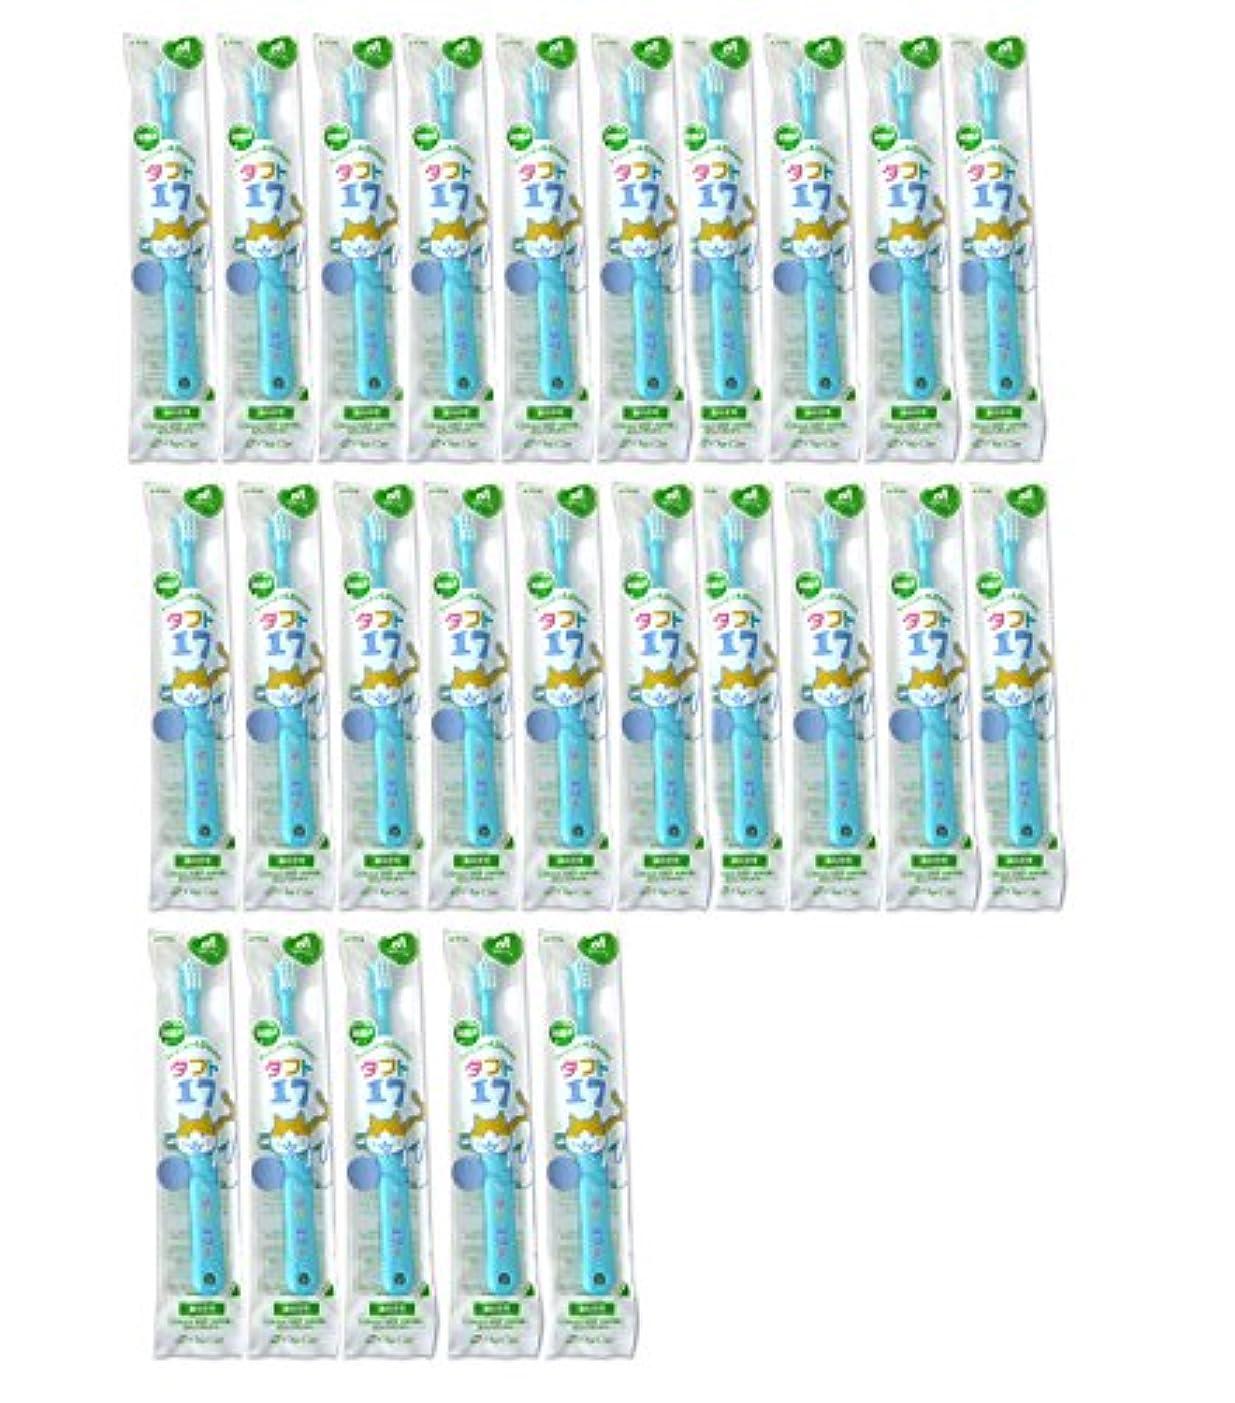 装置カーテン不利タフト17 25本 オーラルケア 【タフト17/ミディアム 子供】 乳歯列(1~7歳用)こども歯ブラシ便不 ブルー